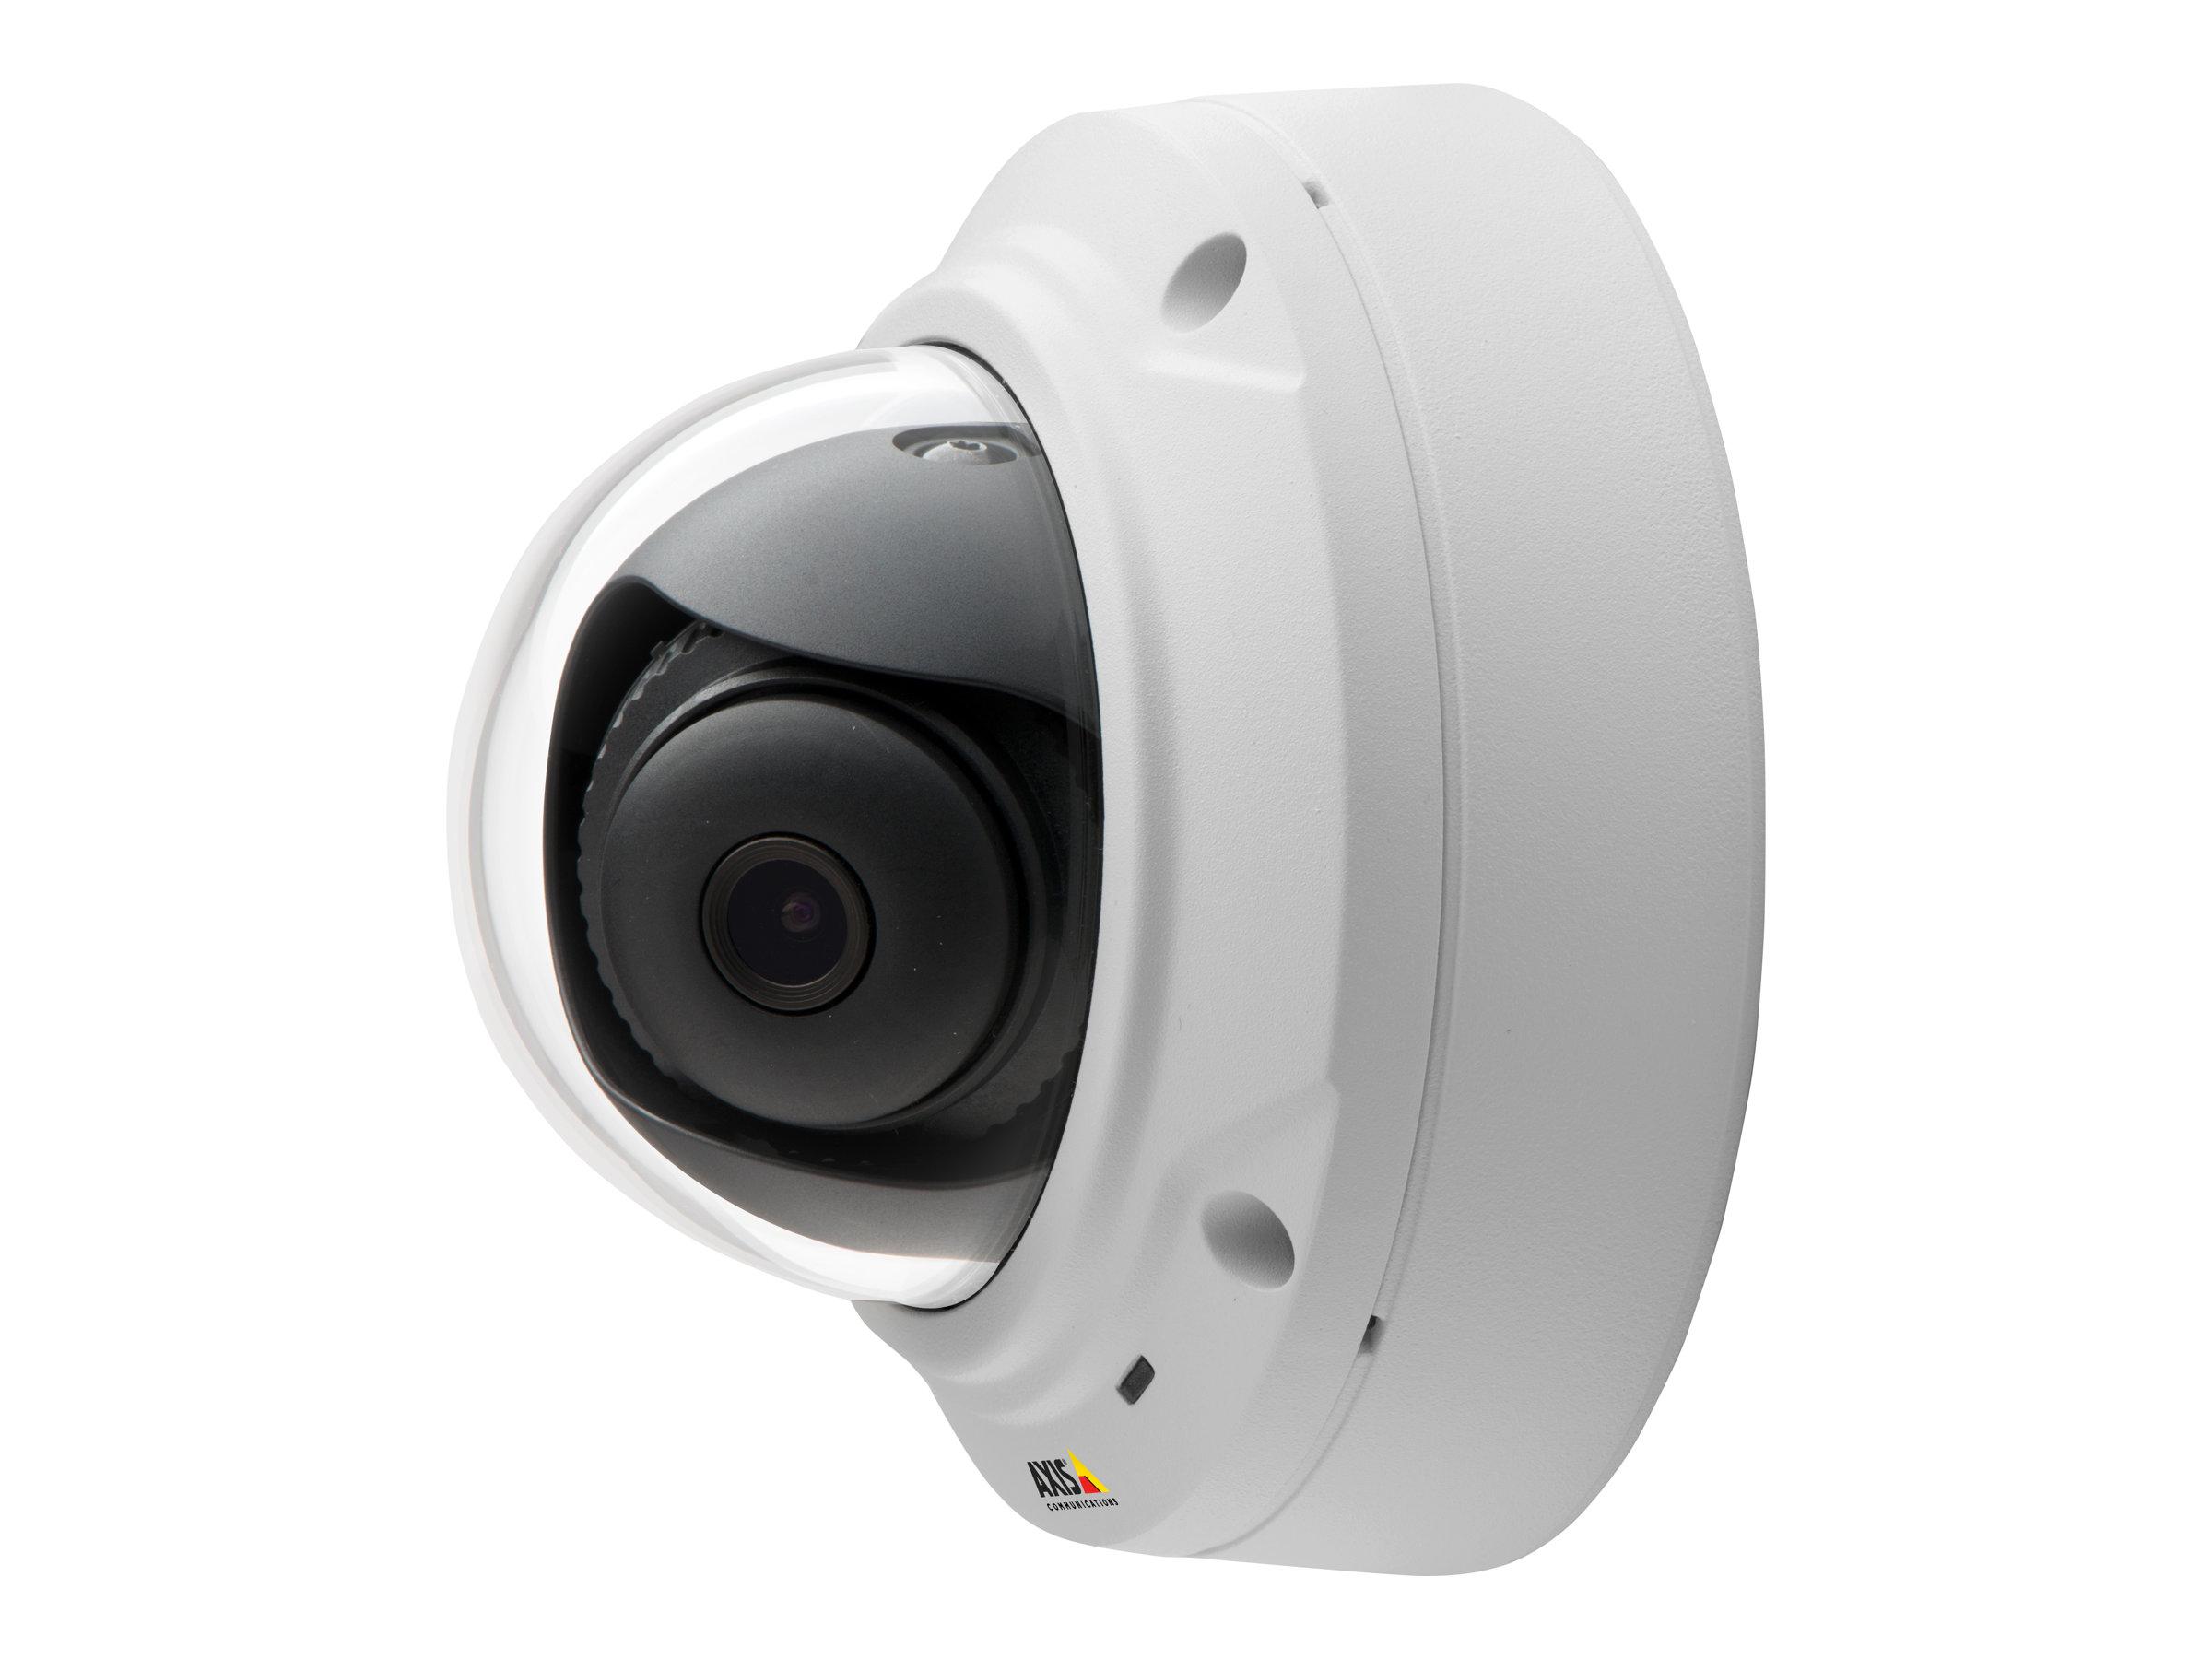 AXIS M3025-VE Network Camera - Netzwerk-Überwachungskamera - Kuppel - Aussenbereich - Vandalismussicher / Wetterbeständig - Farb